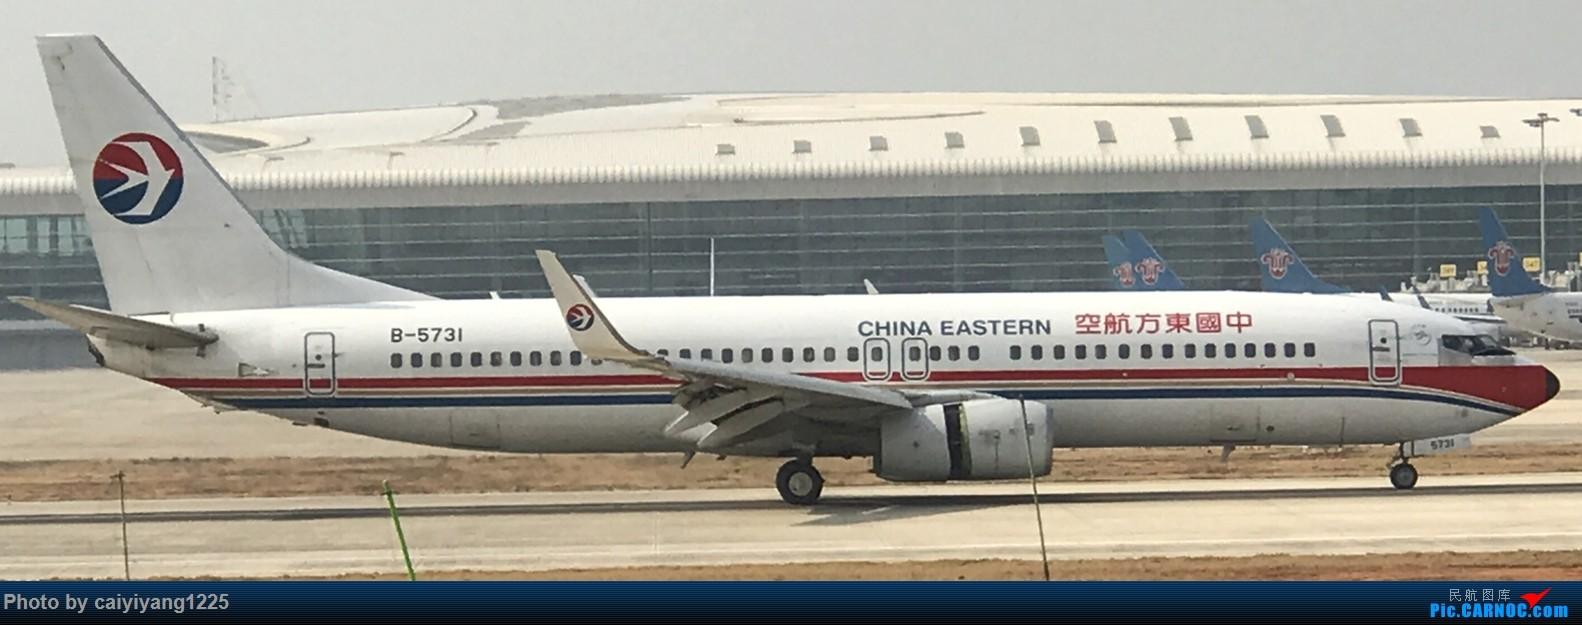 Re:[原创]武汉国庆拍机ps:出门忘带相机 拿手机拍的烂货请见谅! BOEING 737-800 B-5731 武汉天河国际机场